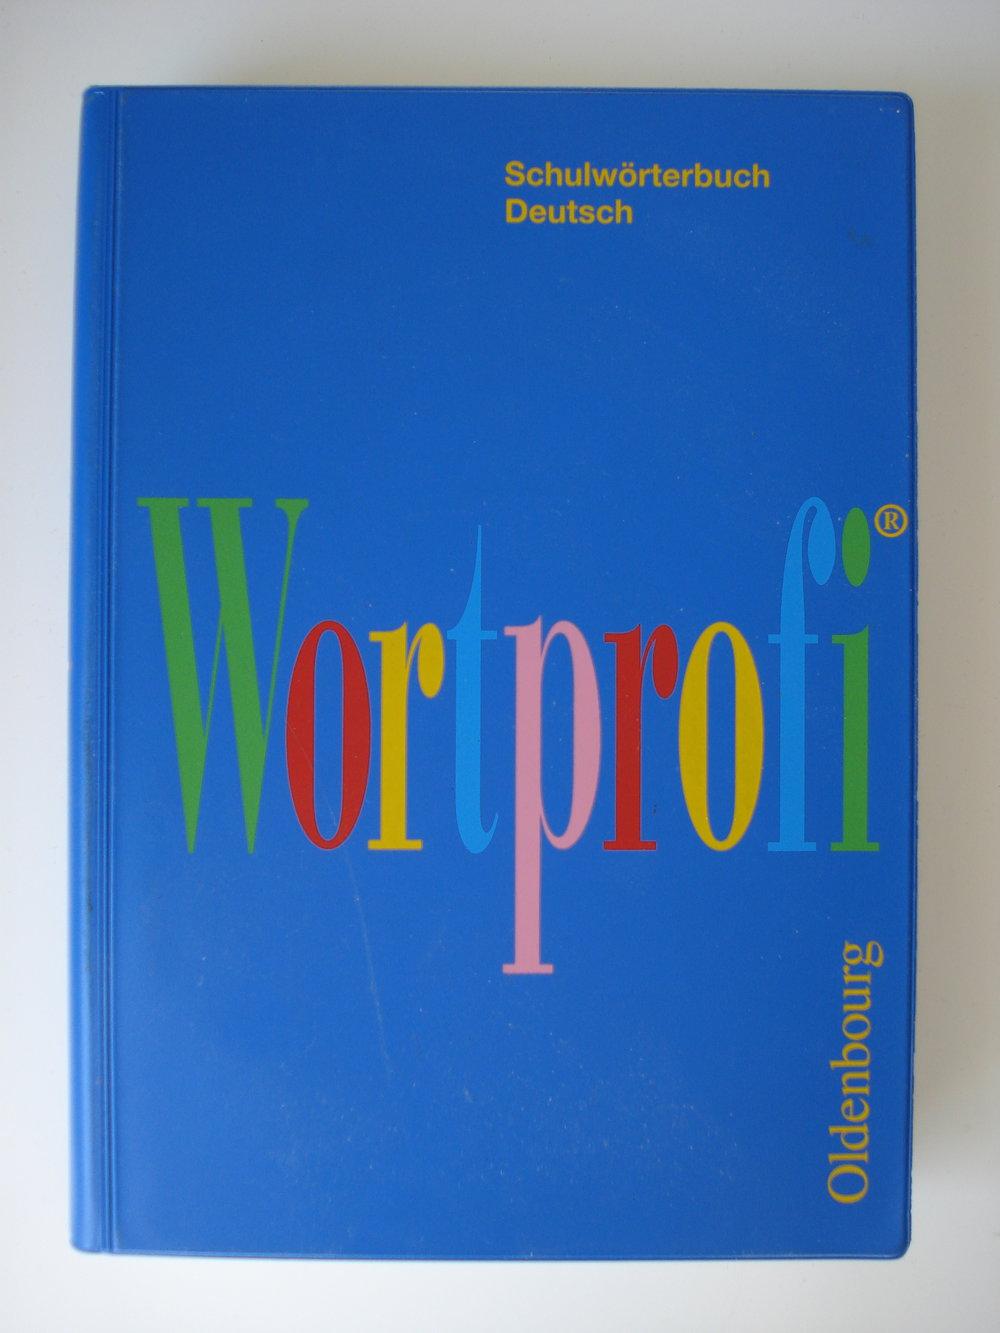 wortprofi schulw rterbuch deutsch 2002. Black Bedroom Furniture Sets. Home Design Ideas